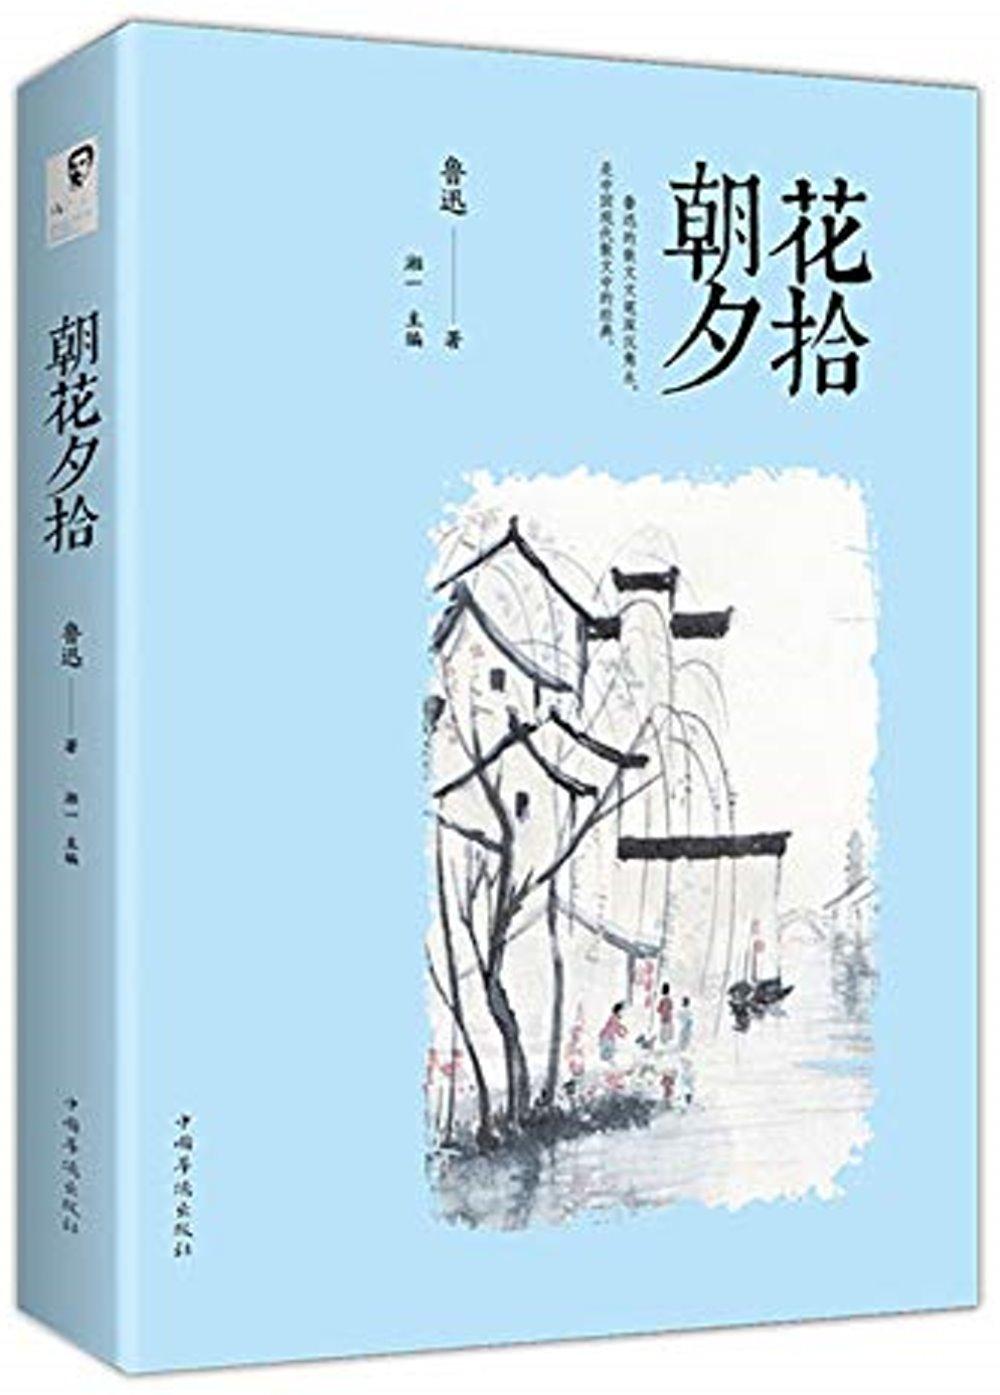 教育部新編初中語文教材指定閱讀書系:朝花夕拾 七年級